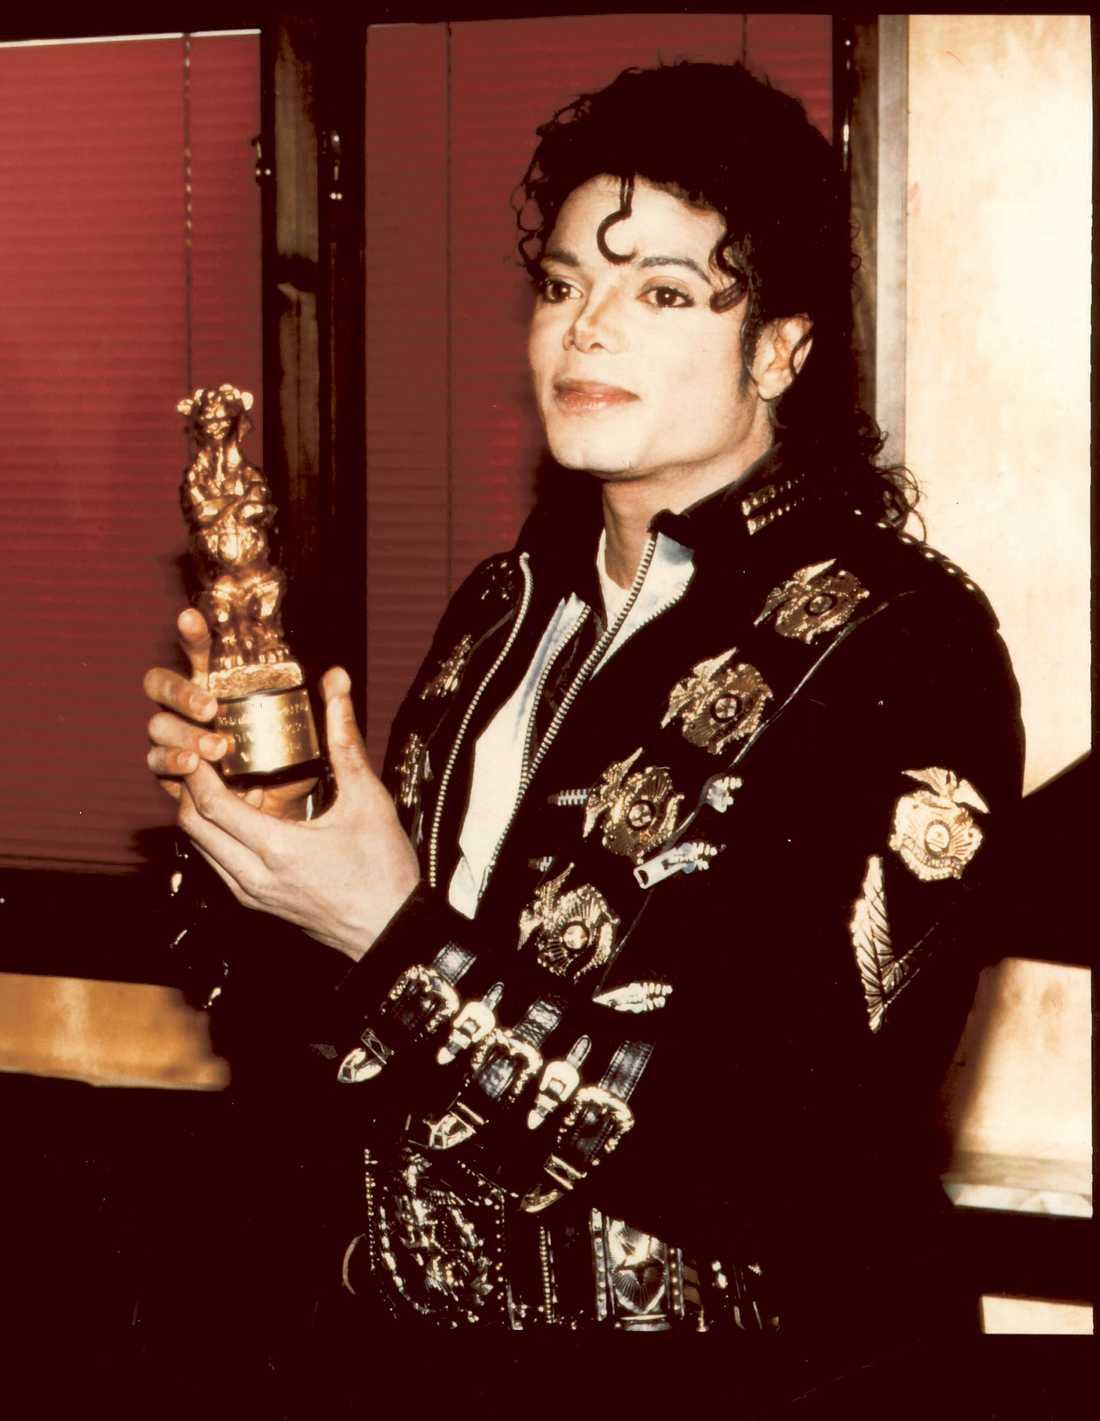 """Michael Jackson Michael Jackson släppte sitt första album på fem år 1987 och """"Bad"""" blev en omedelbar succé. Det var hans tredje soloalbum och popkungen åkte på en stor turné. Som grädde på moset fick han dessutom en guldskimrande nalle av svenska folket som Bästa utländska artist."""